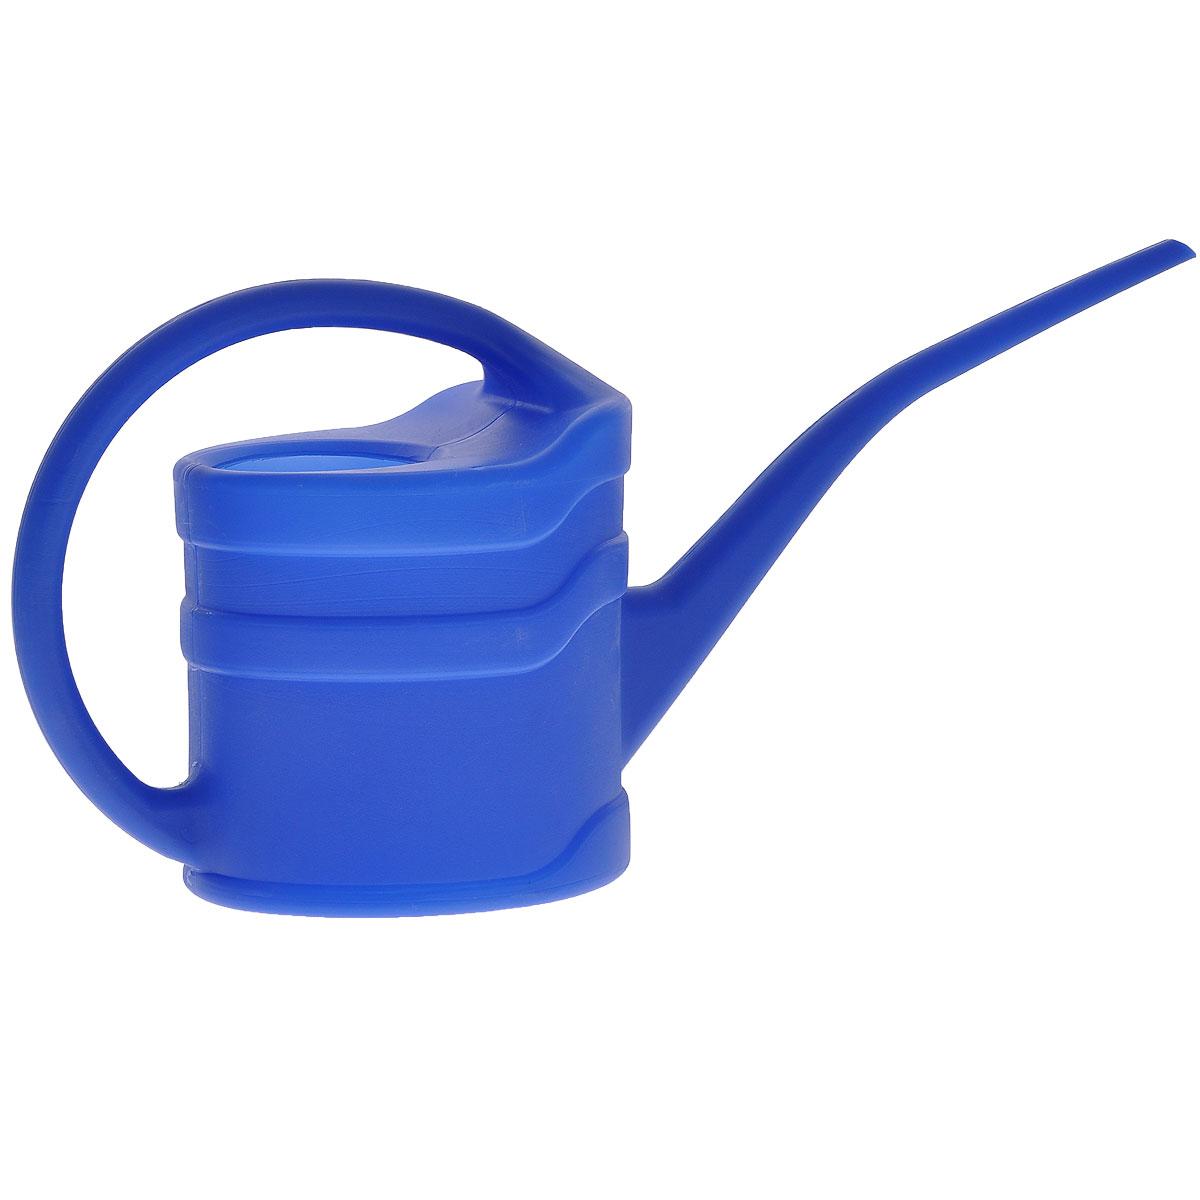 Лейка садовая, цвет: синий, 1,3 л67500Садовая лейка представляет собой компактный инструмент для полива насаждений на приусадебном участке. Лейка обладает легкой конструкцией для продолжительной и комфортной работы. Она пригодится как для работы в саду, там и для полива домашних цветов.